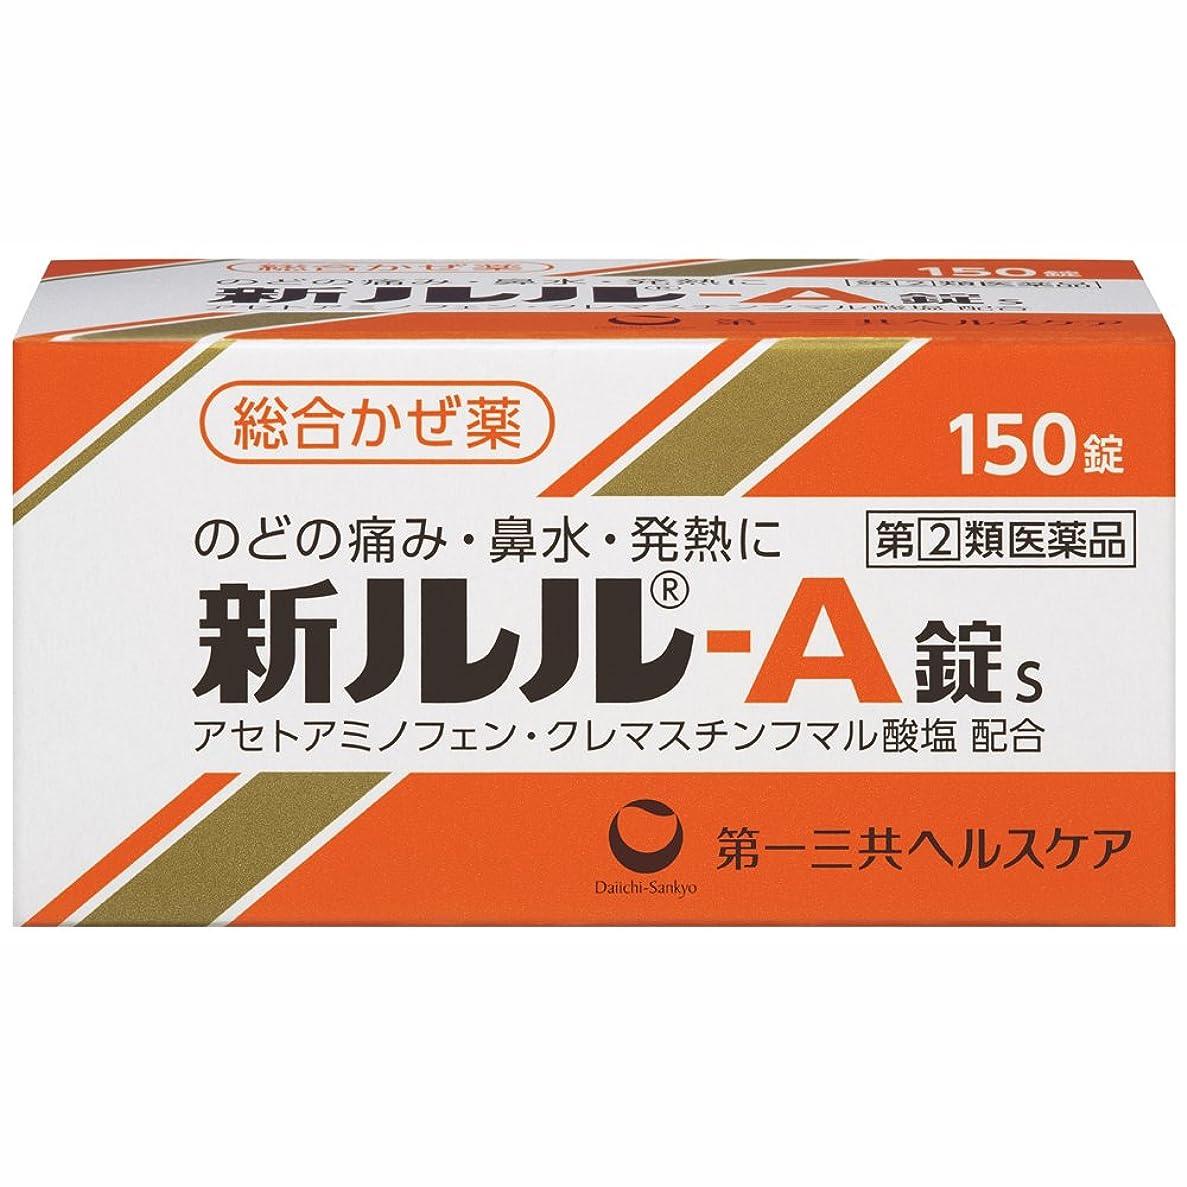 アライメント一致する甘やかす【指定第2類医薬品】新ルル-A錠s 150錠